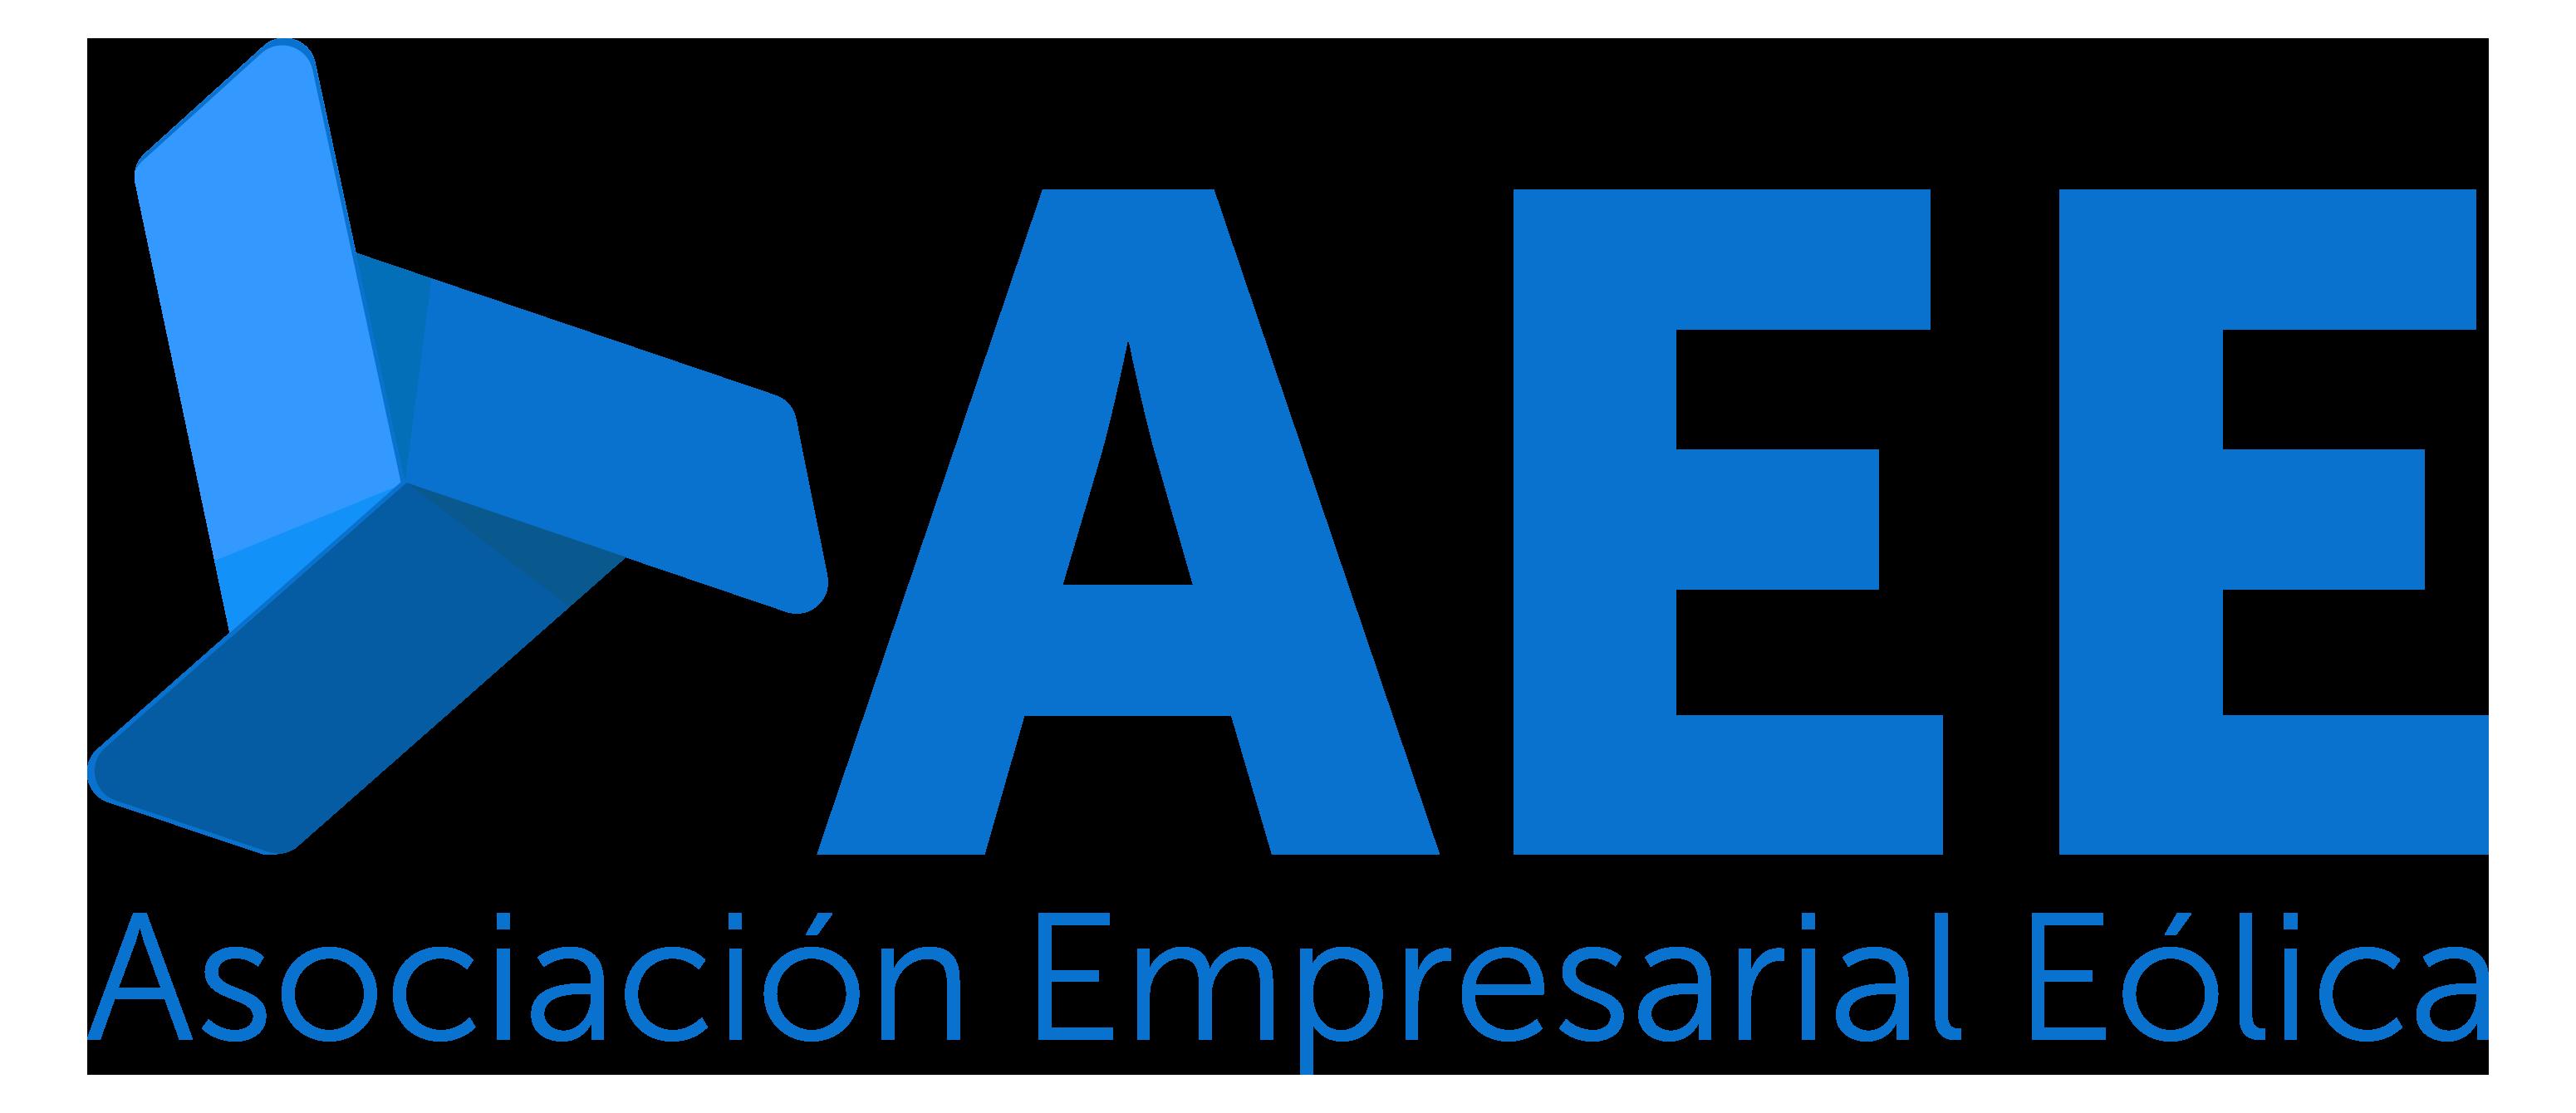 Logotipo de la Asociación Empresarial Eólica